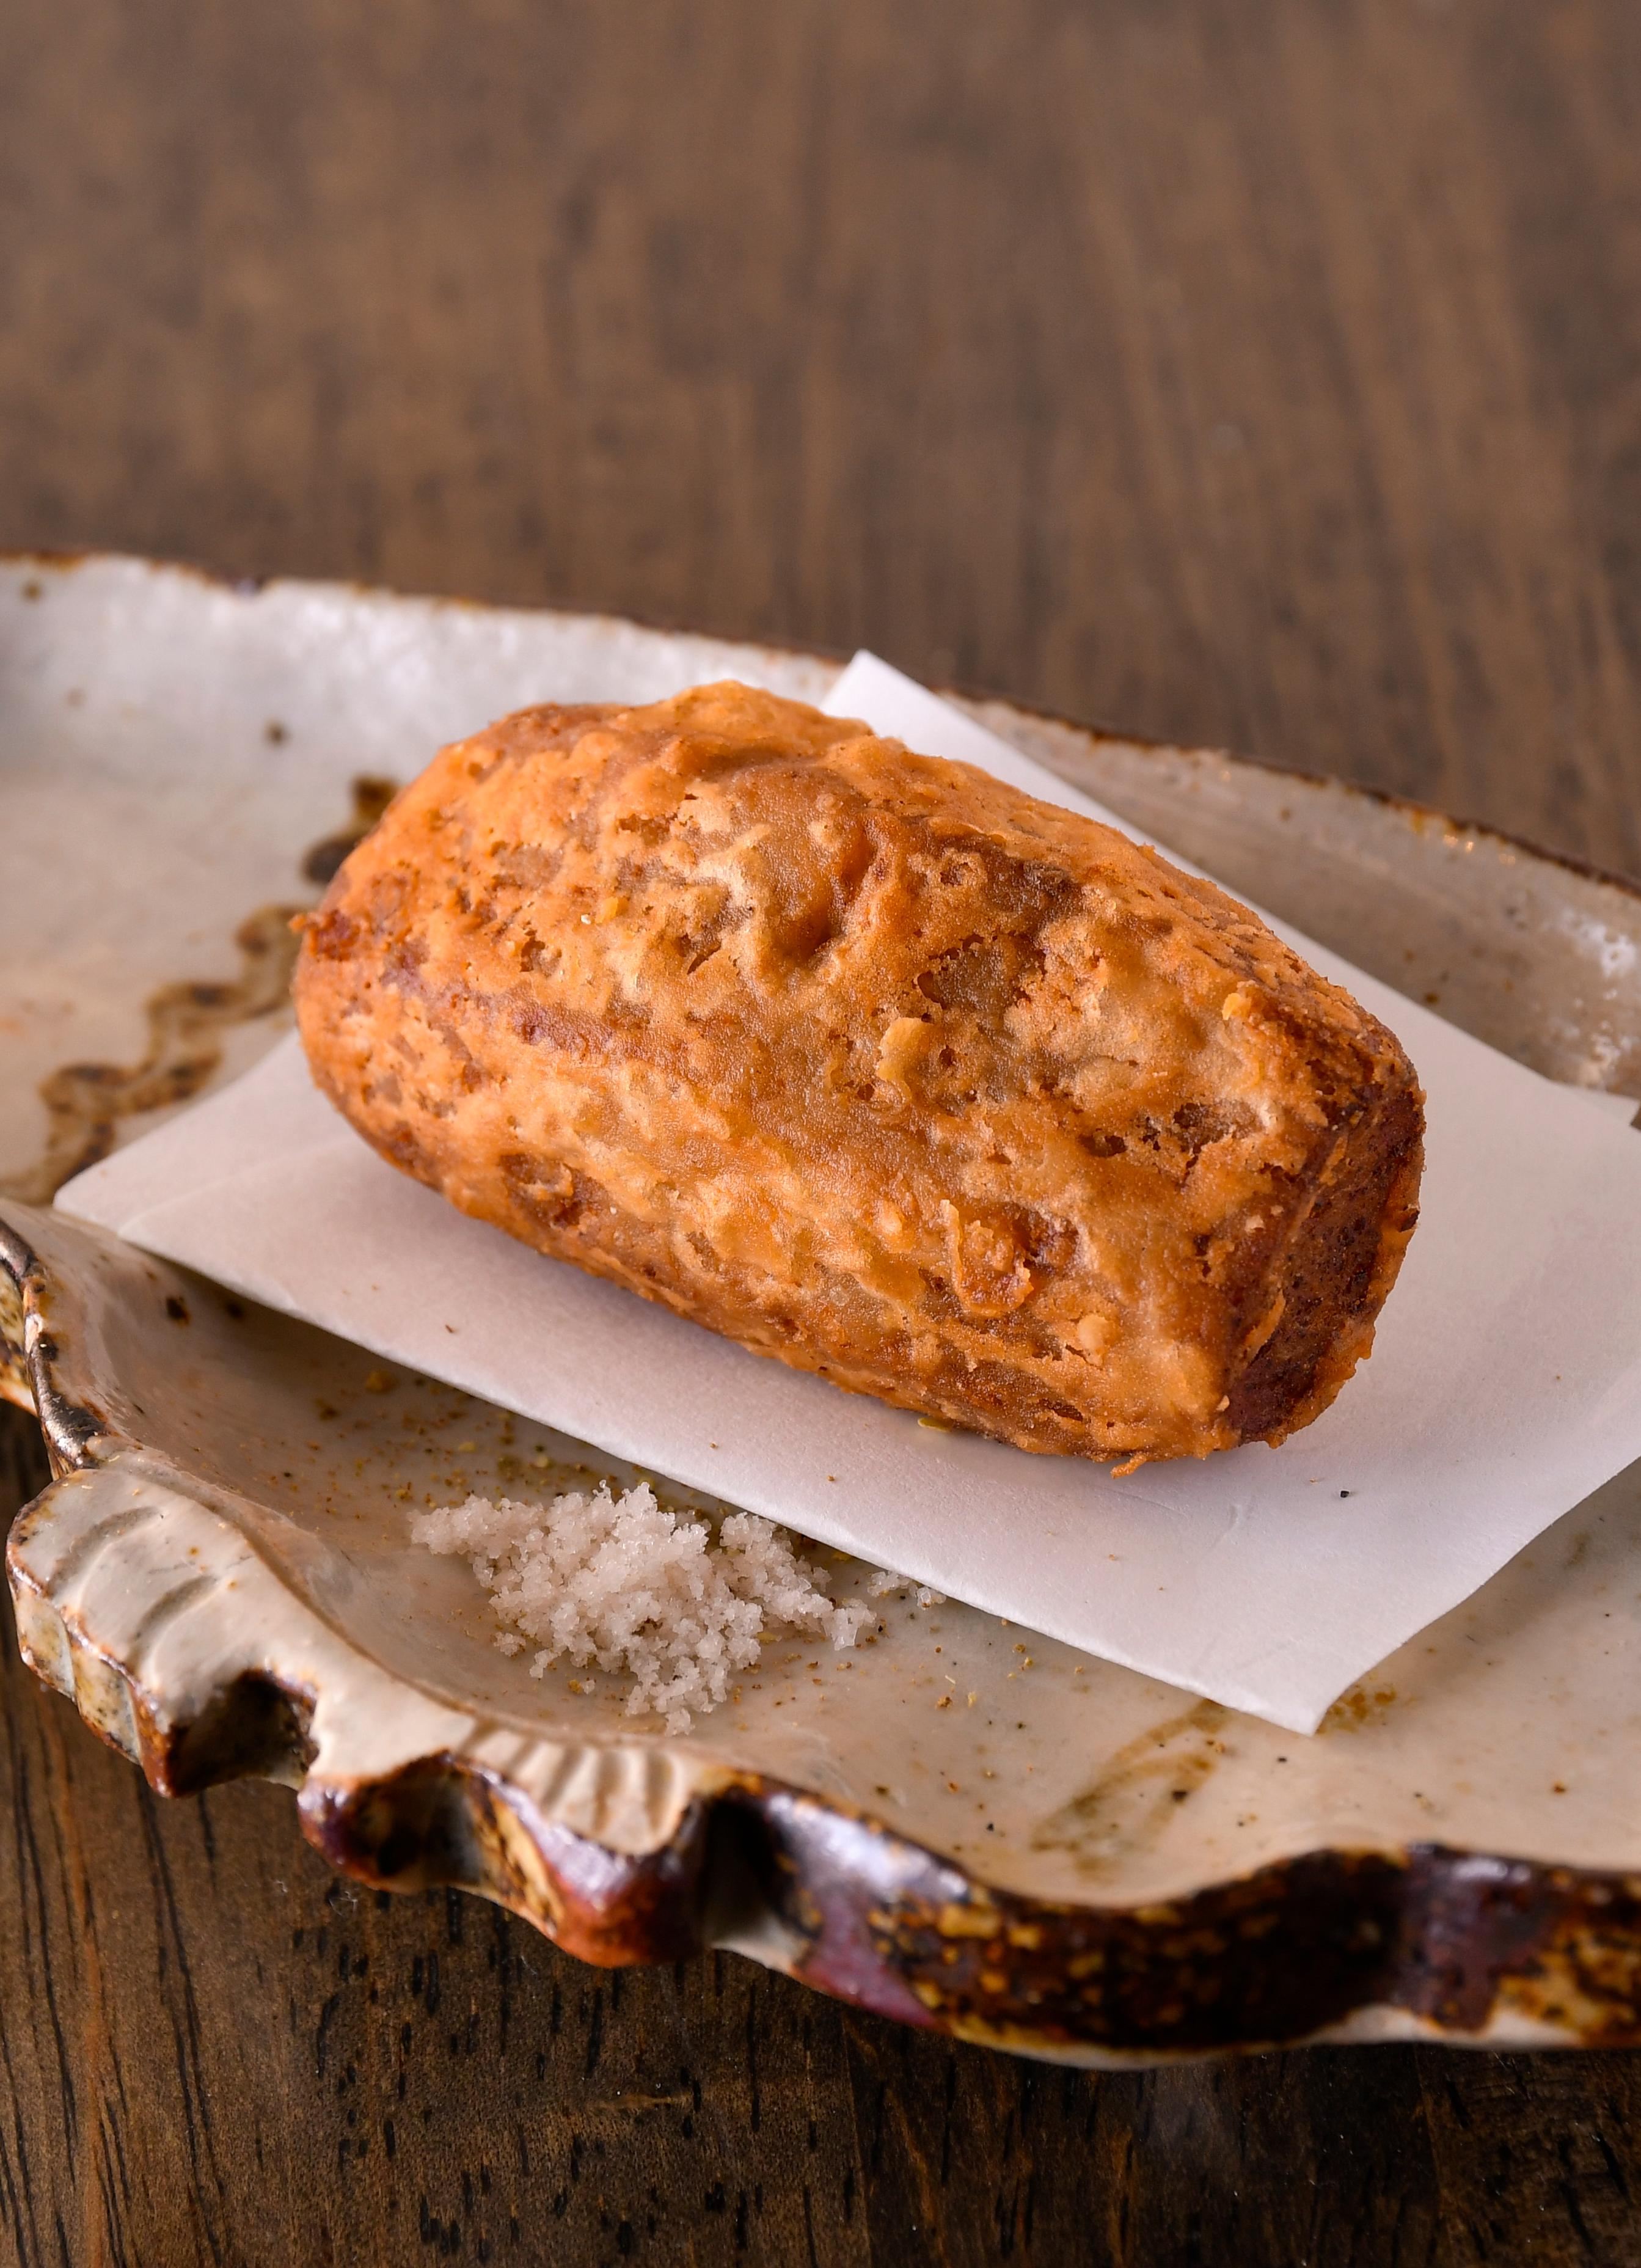 酸味が少なく穏やかな味の鮪出汁を里芋にゆっくりと含ませ、香ばしく揚げた一品。